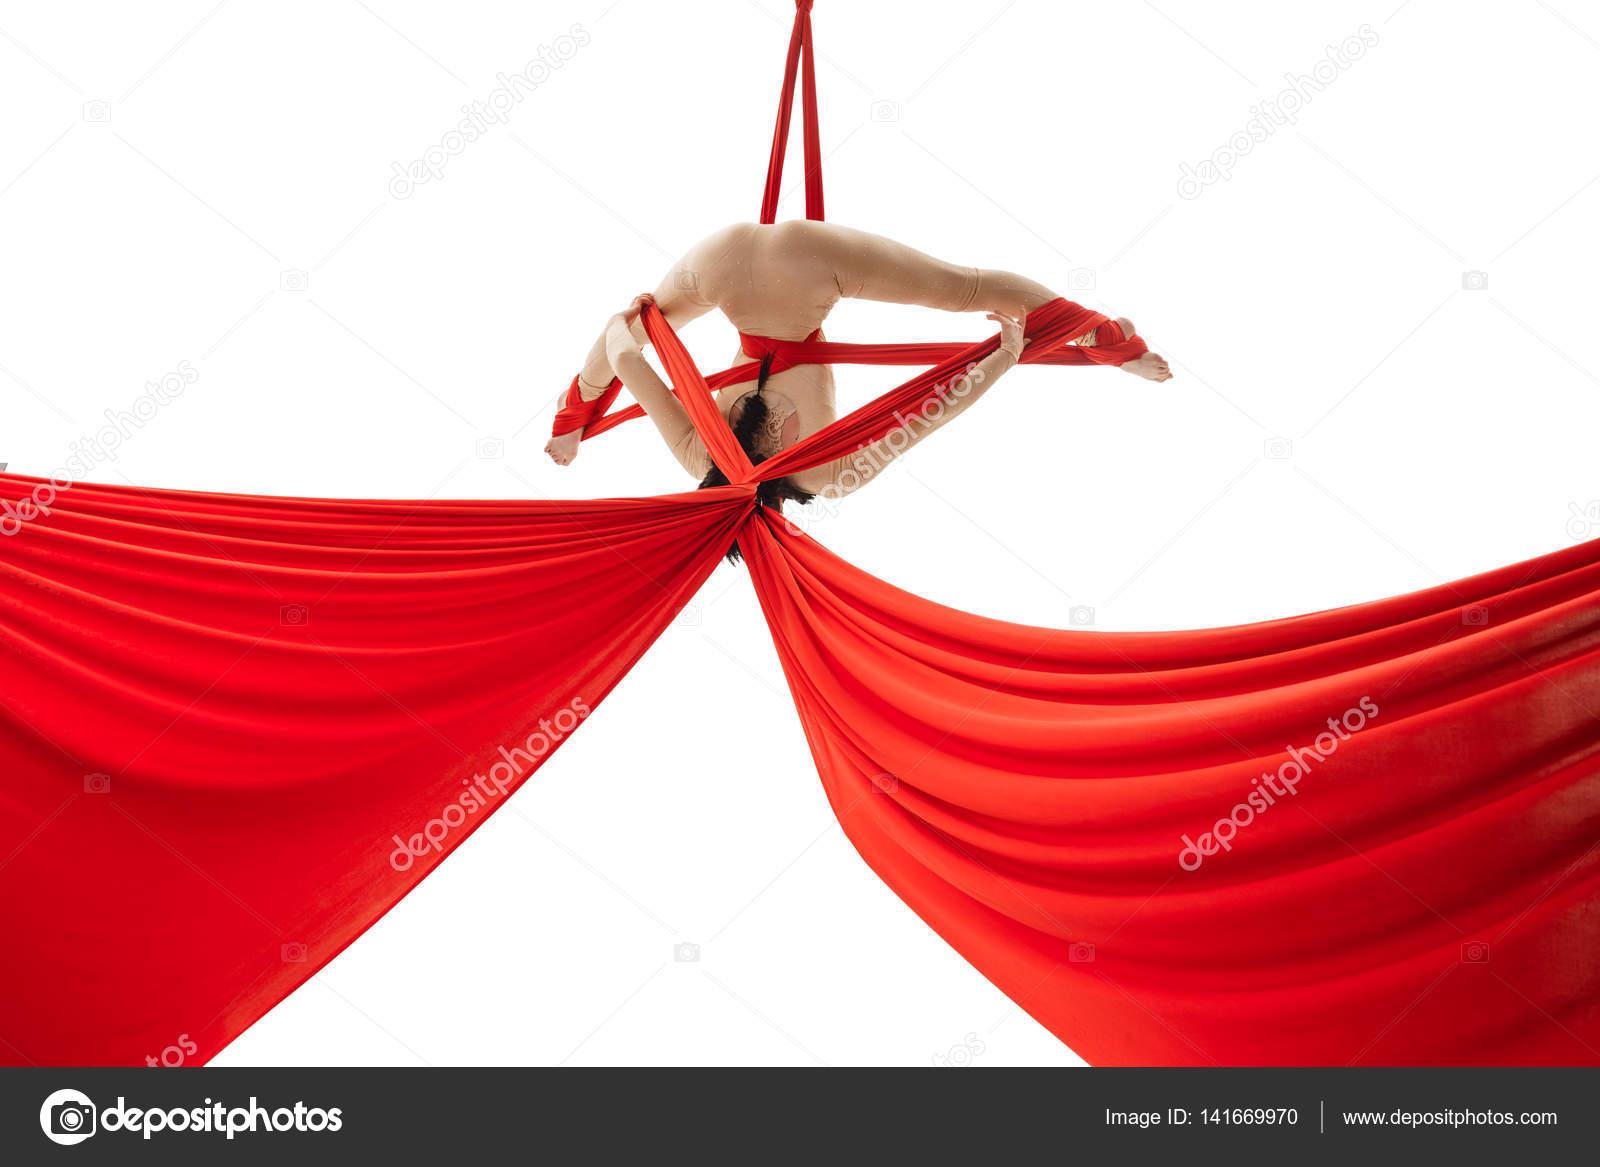 aerialist doing acrobatic tricks on aerial silks  u2014 stock photo aerialist doing acrobatic tricks on aerial silks  u2014 stock photo      rh   depositphotos